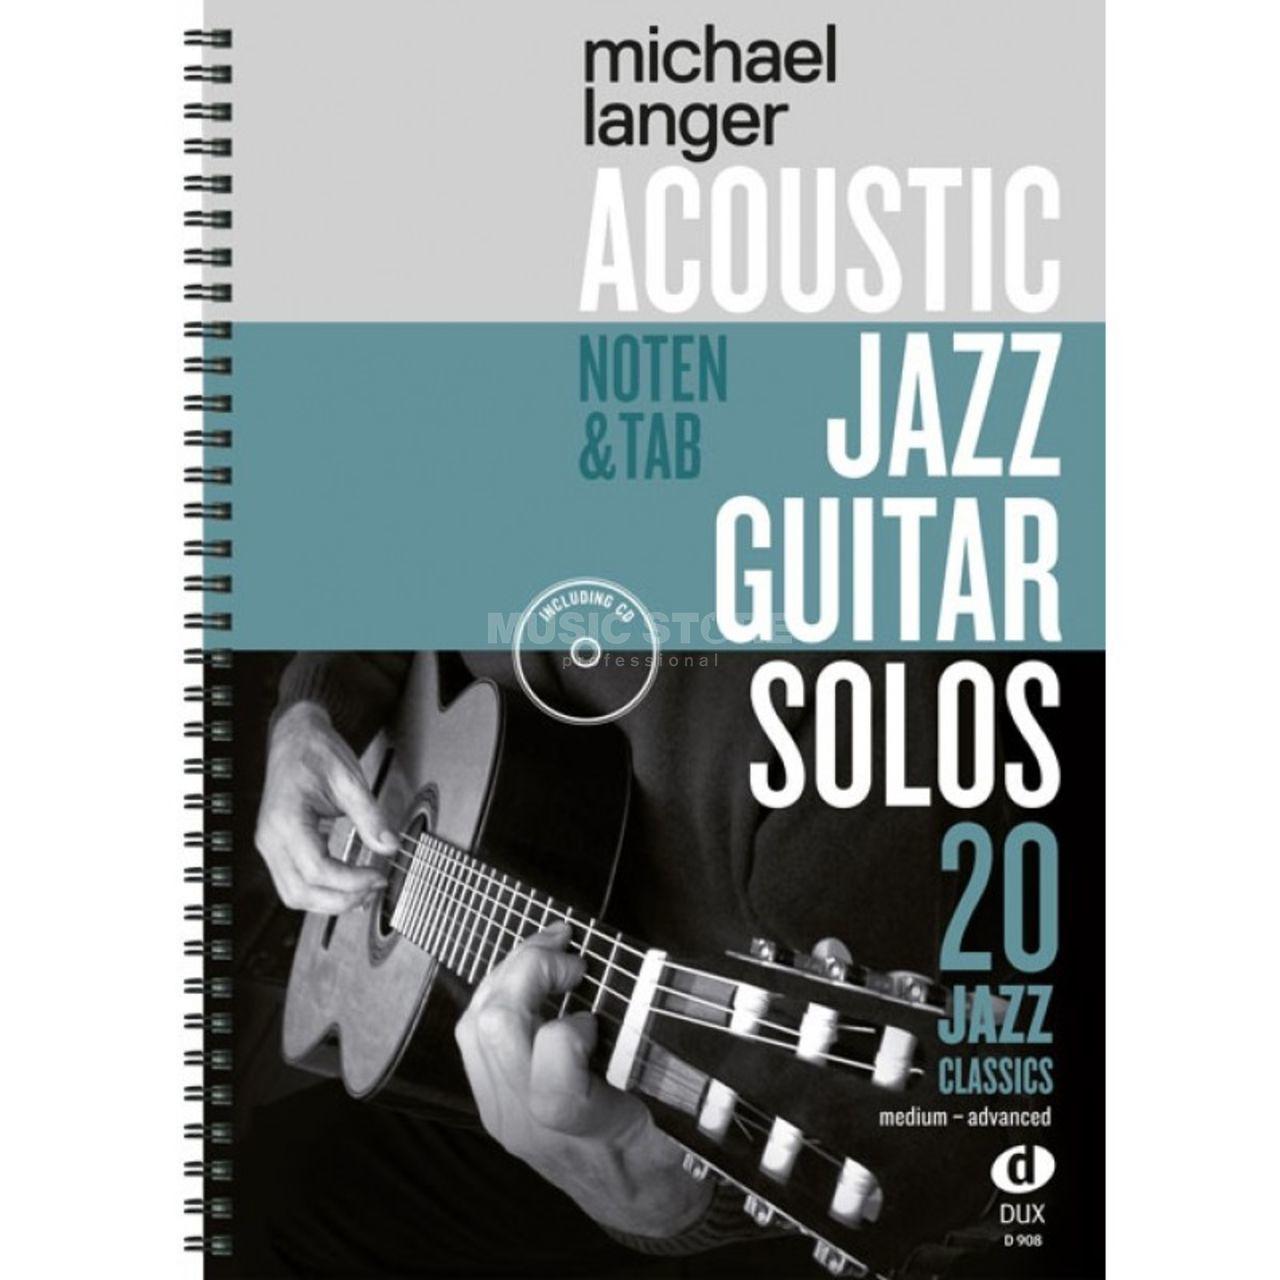 Acoustic Jazz Guitar Solos Dux Verlag Michael Langer